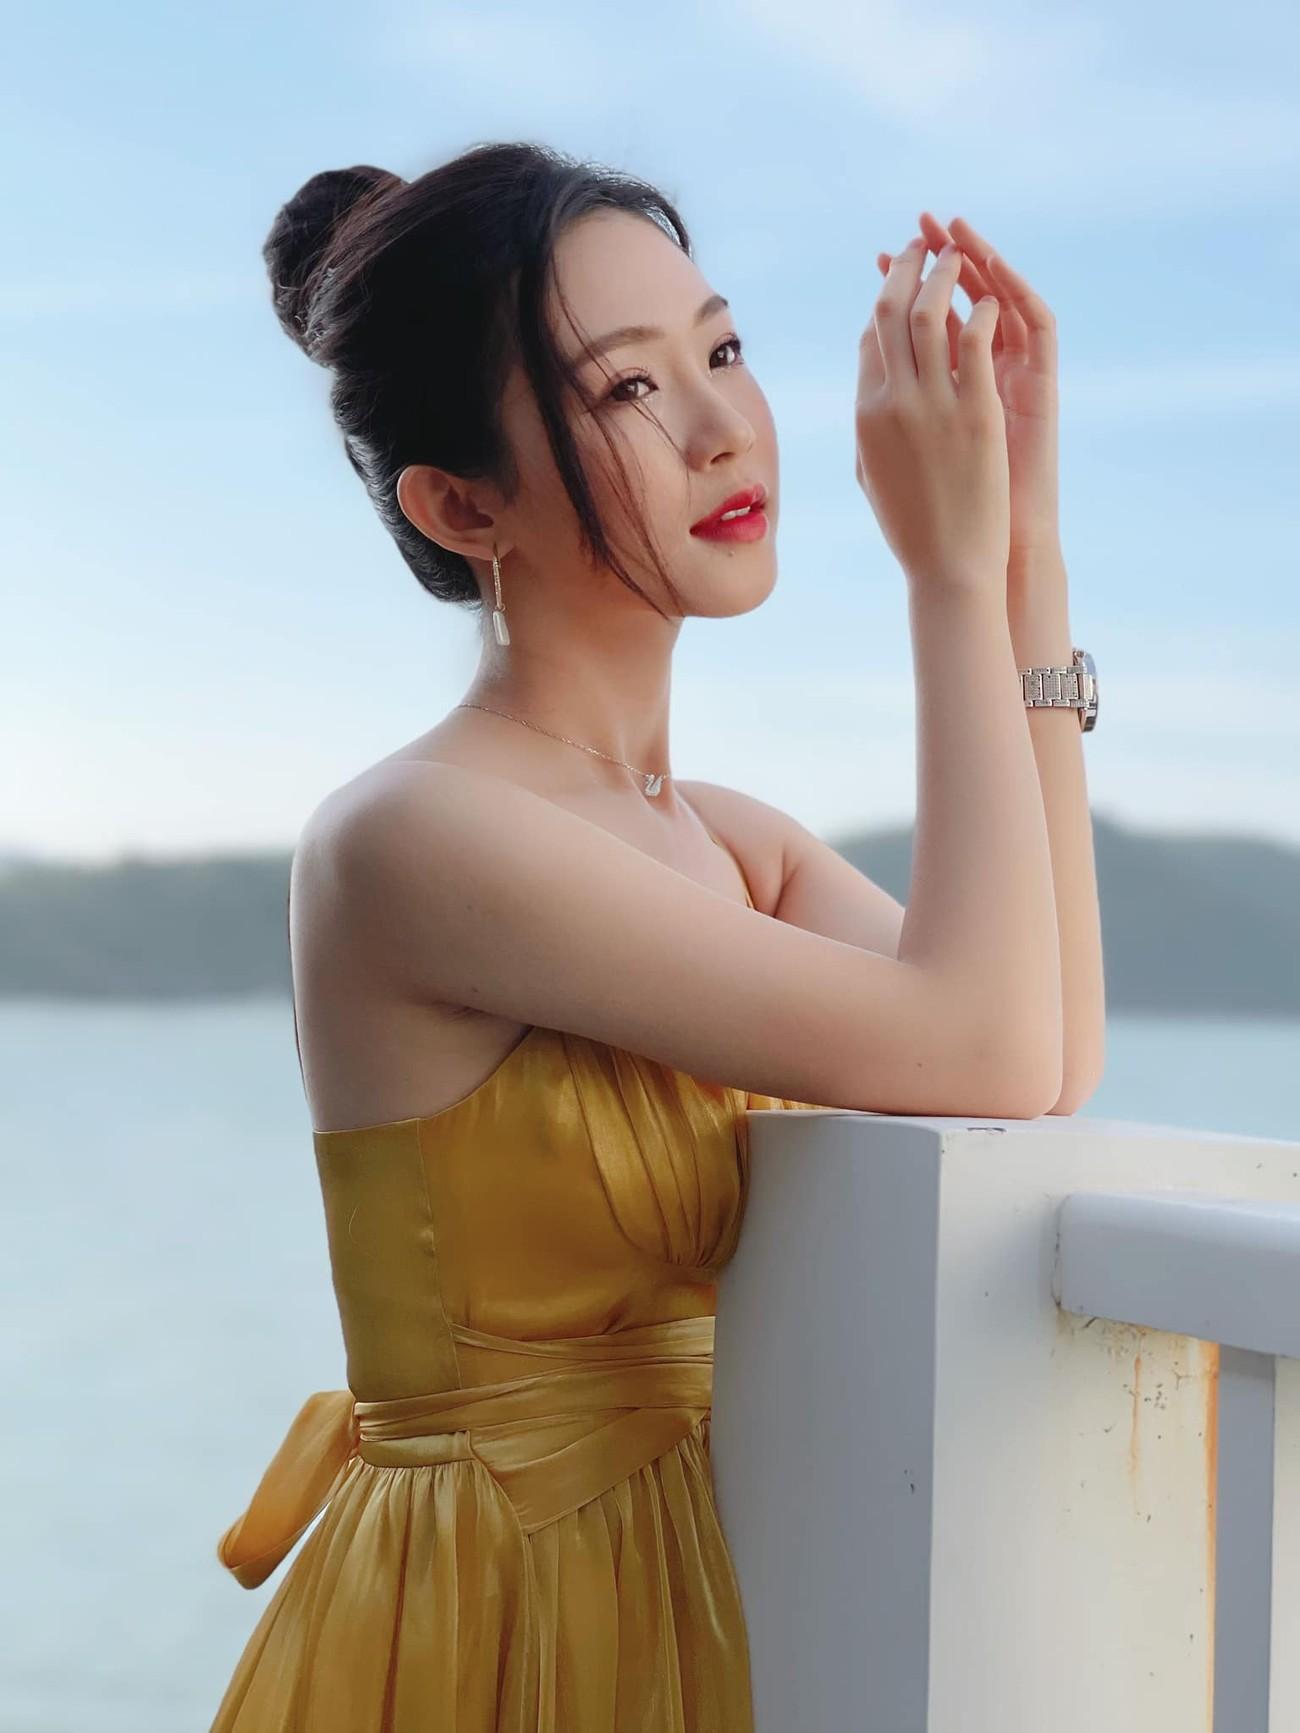 Nhan sắc tựa nàng thơ của 'Người đẹp được yêu thích nhất' Hoa hậu Việt Nam 2020 ảnh 1